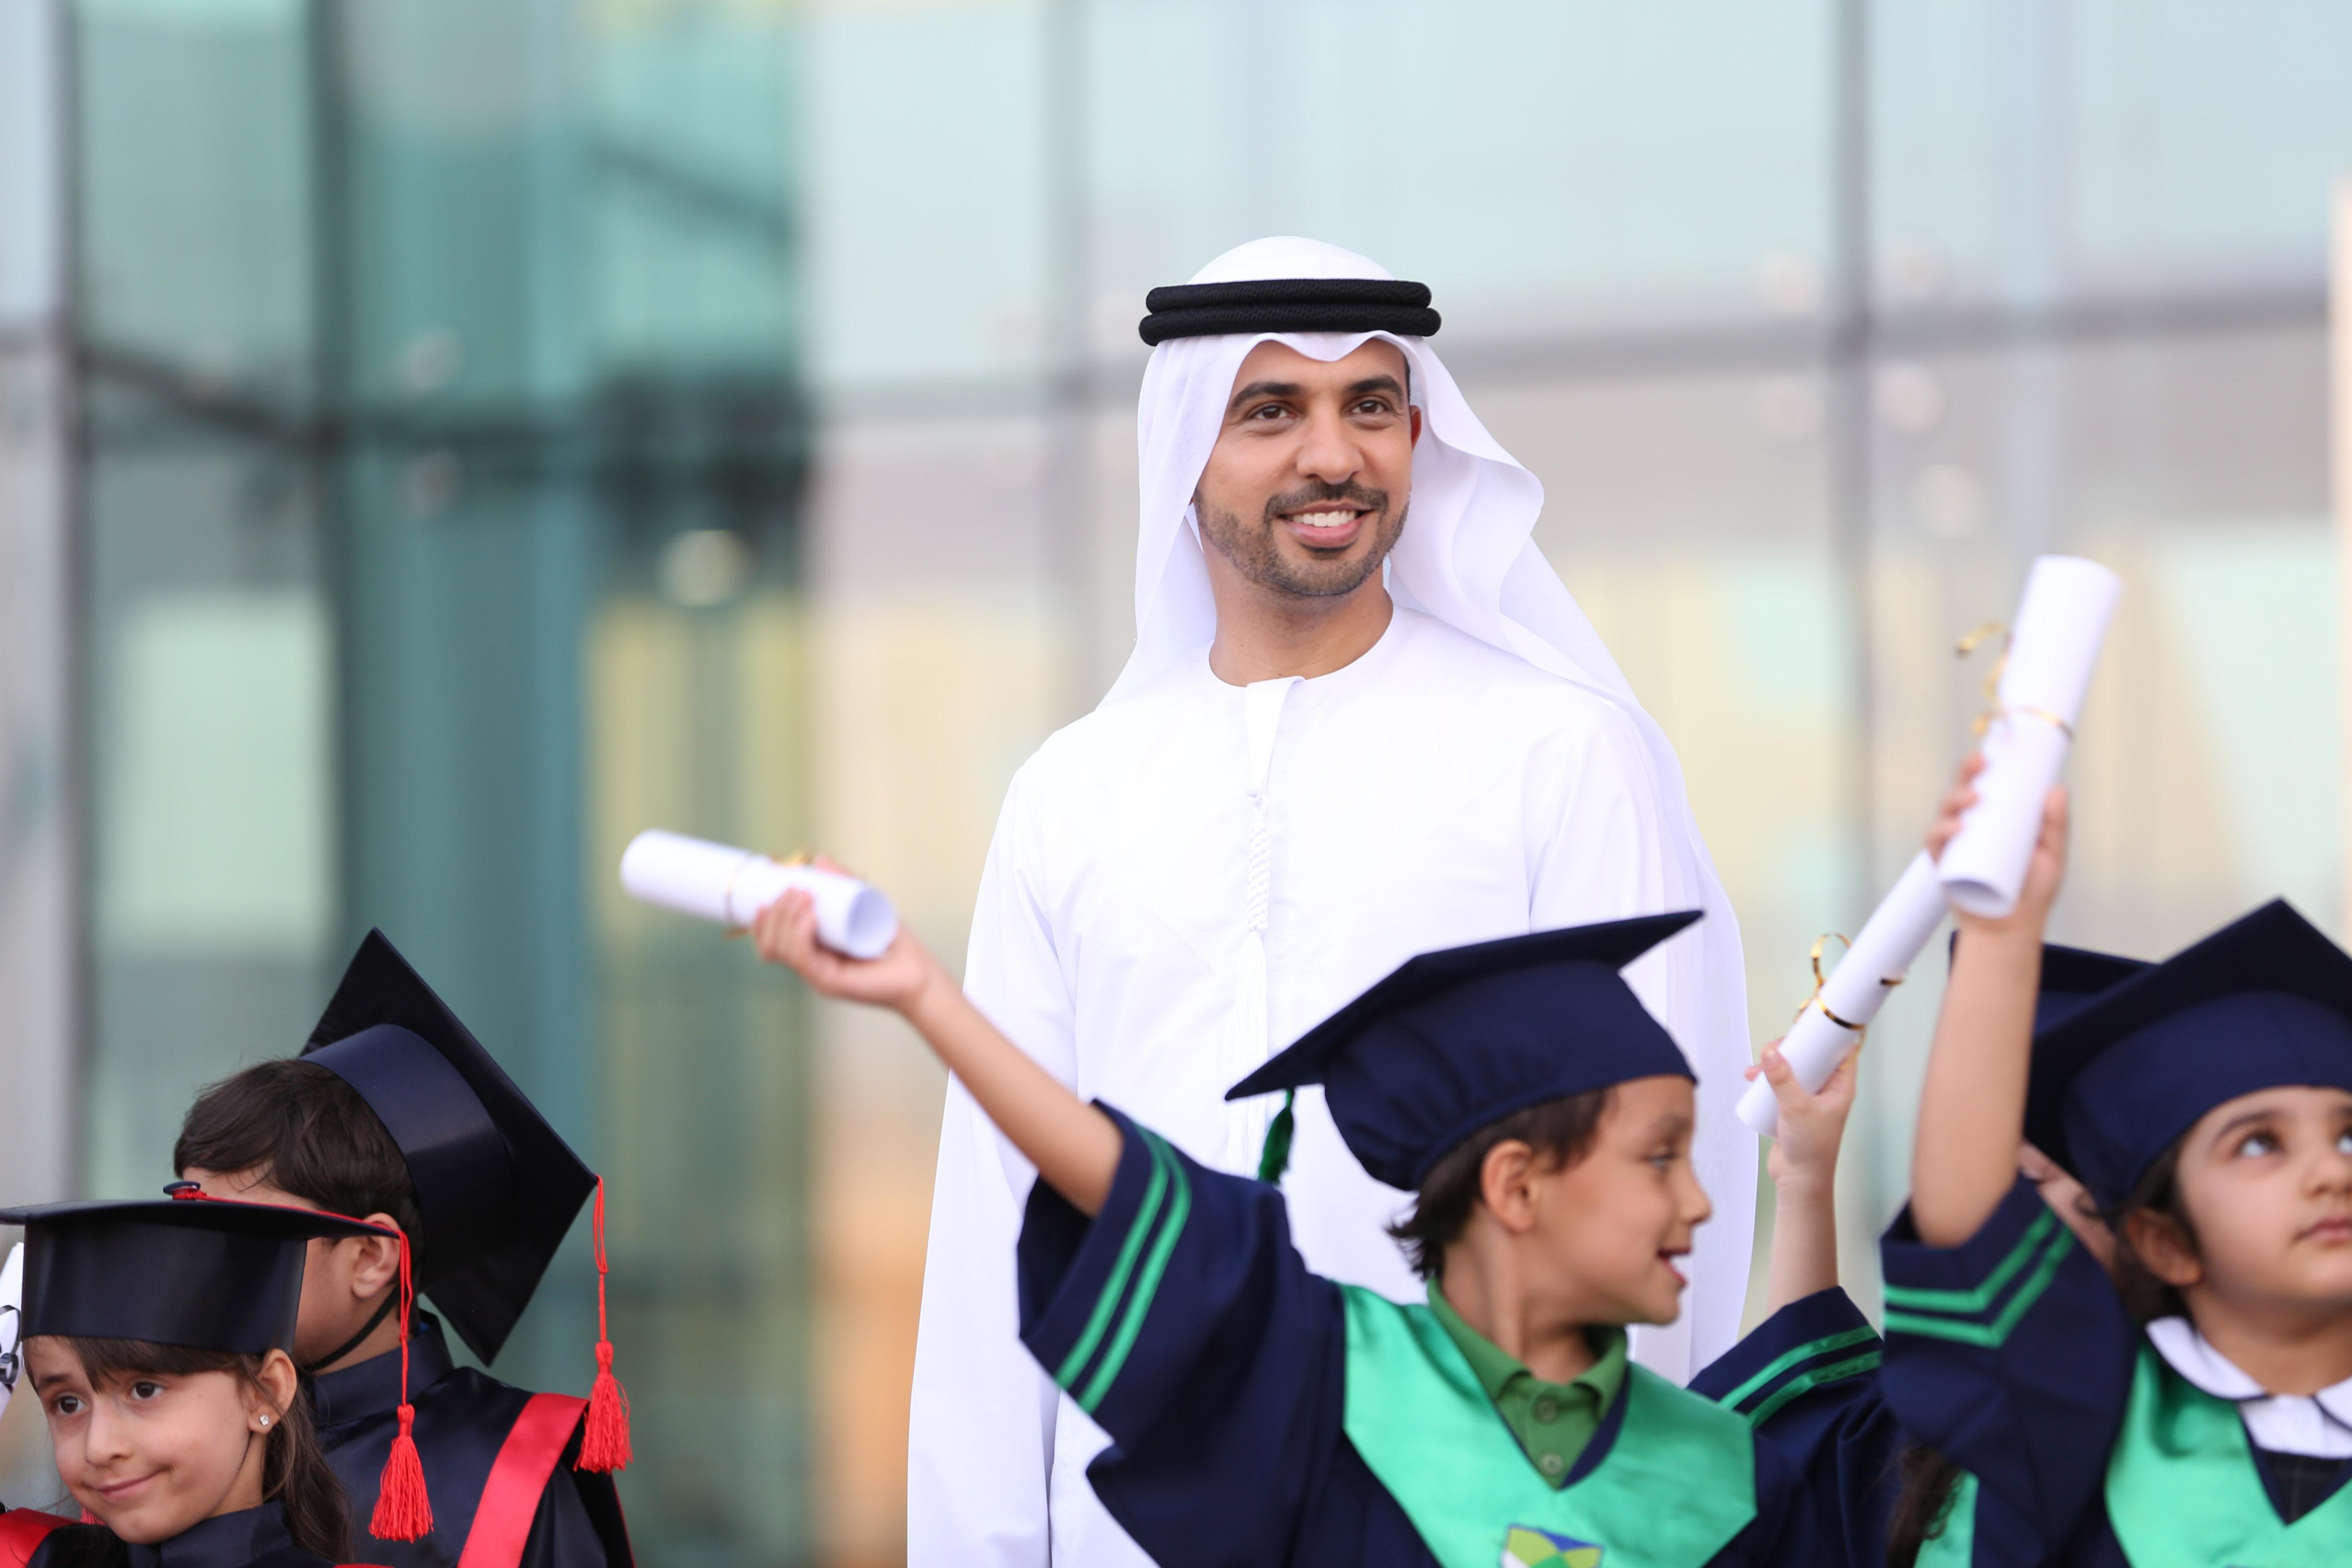 صورة المنشد احمد ابو خاطر سفير الابداع العلمي للخير والايجابية للثقافة والعلم